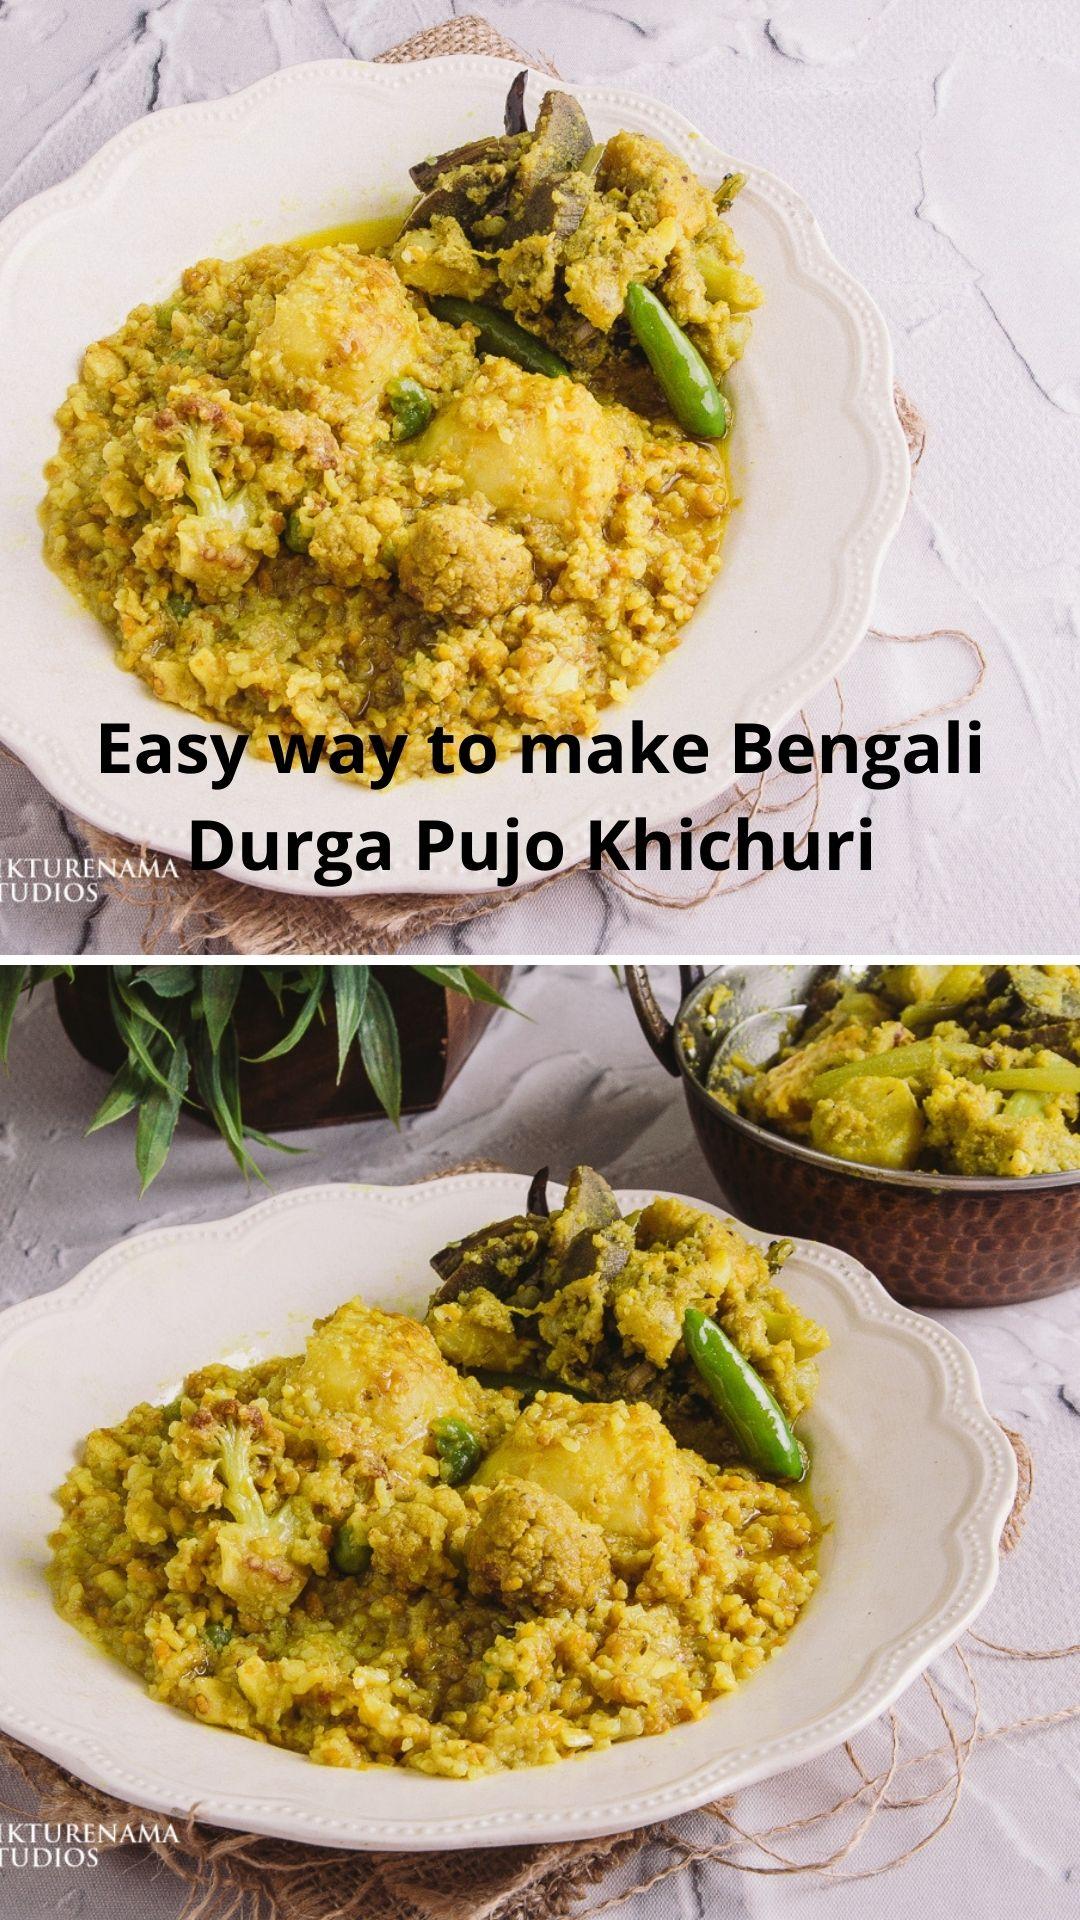 Easy way to make Bengali Bhoger Khichuri - 3